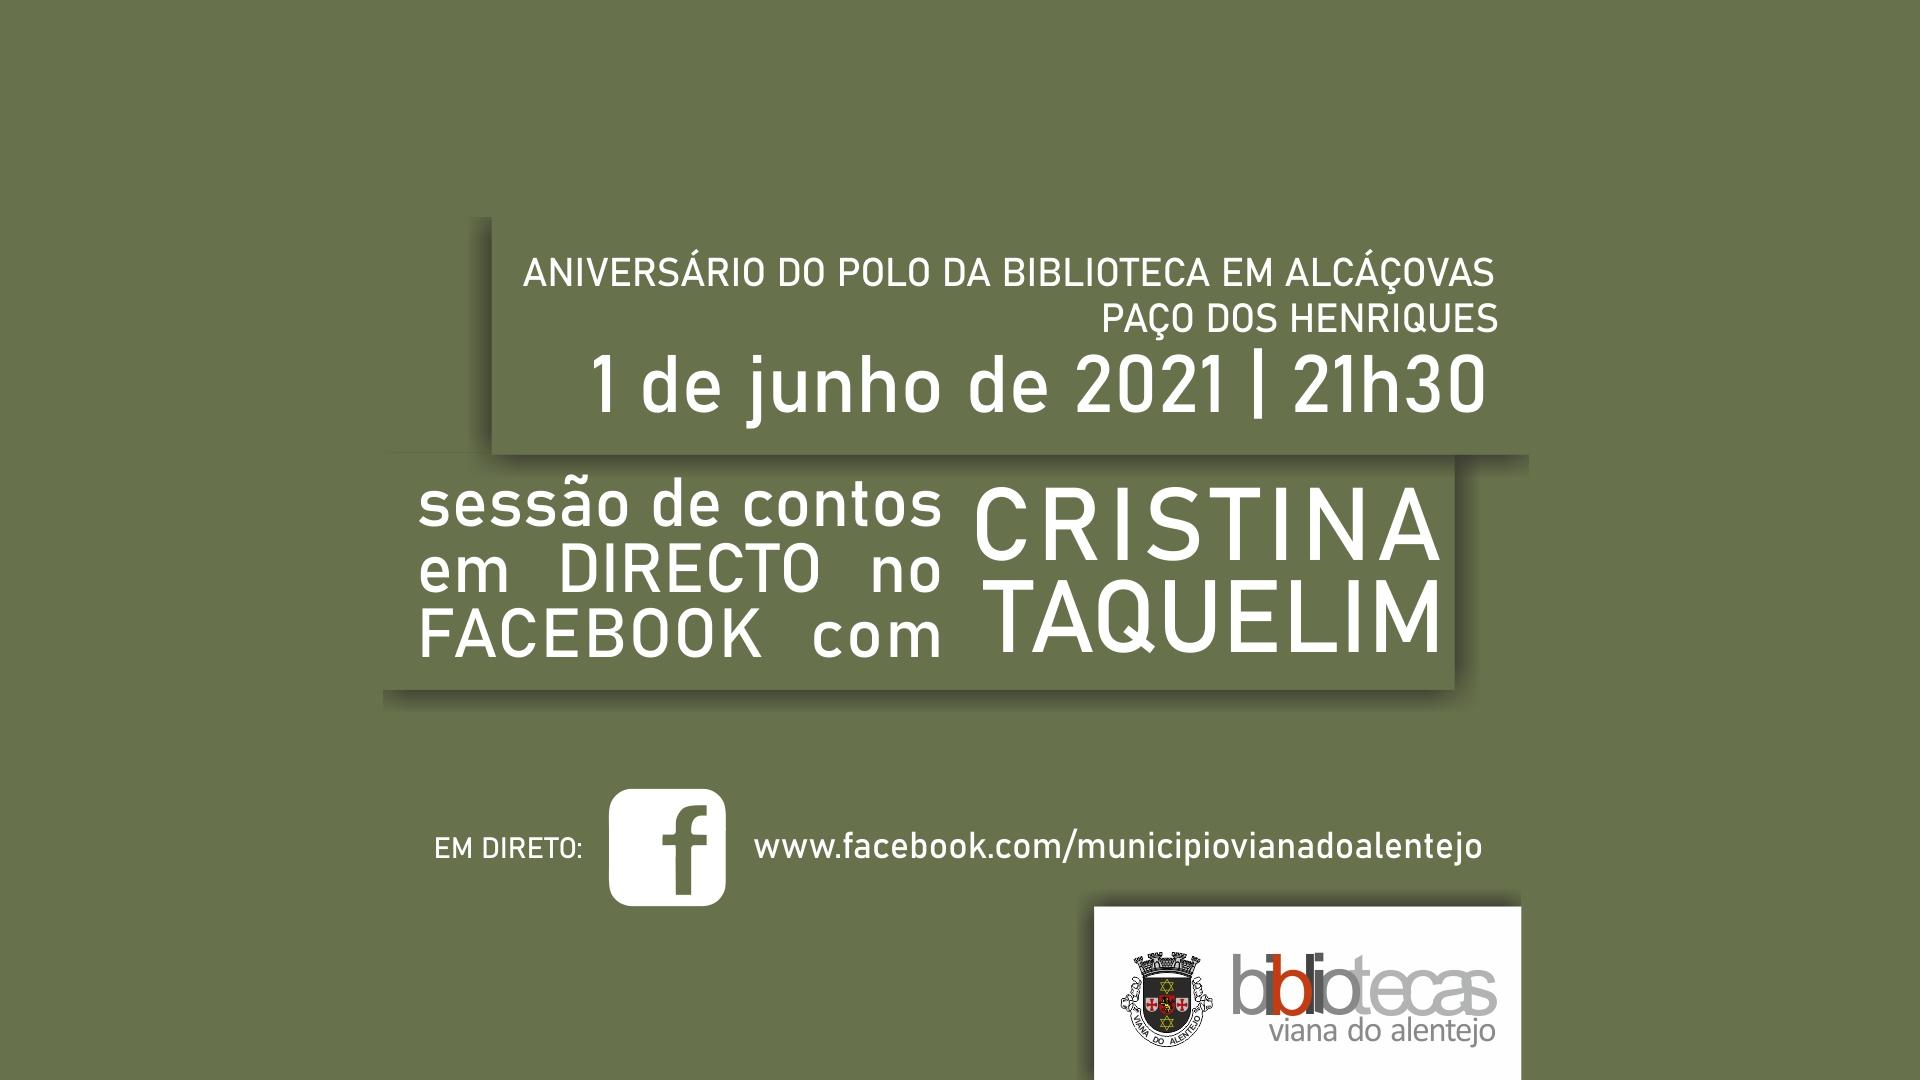 Sessão de contos com Cristina Taquelim em Alcáçovas